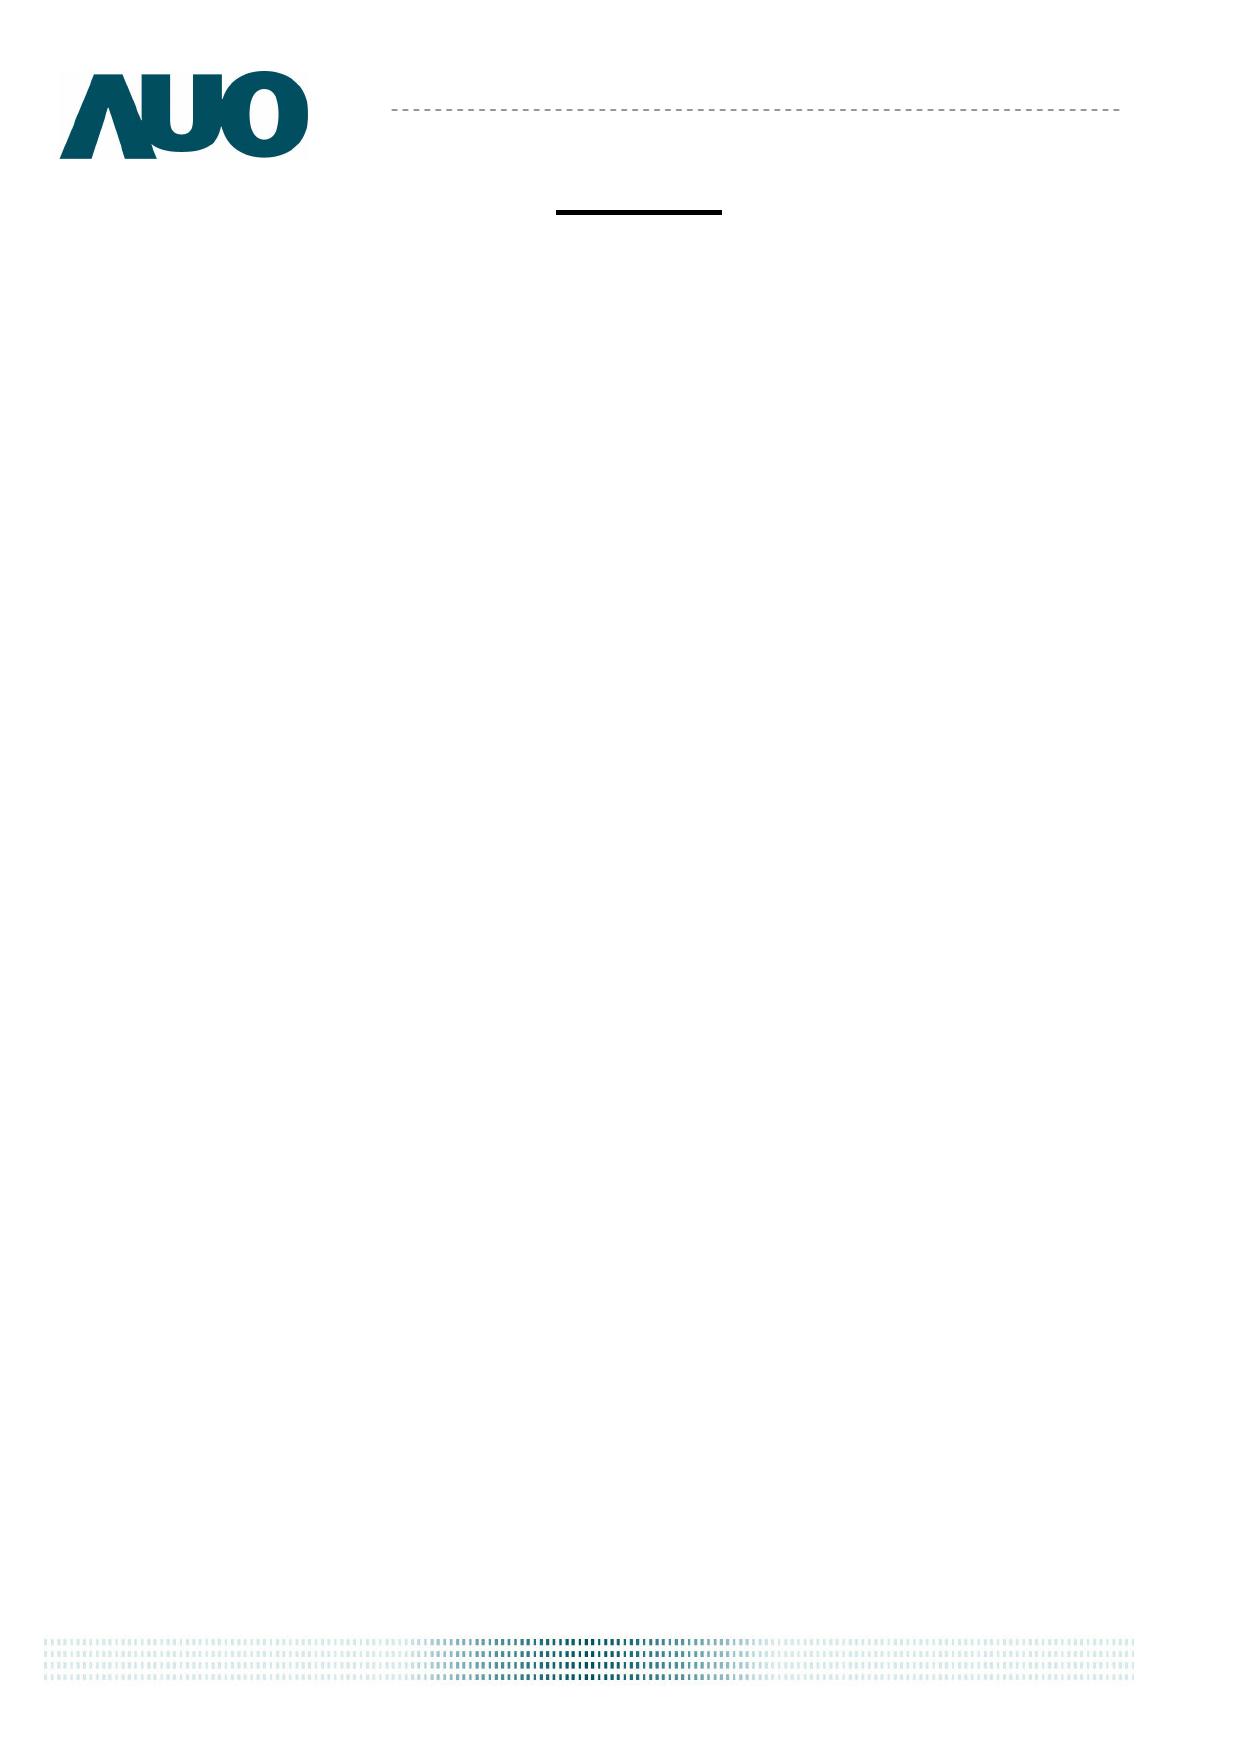 G057VN01-V2 Даташит, Описание, Даташиты